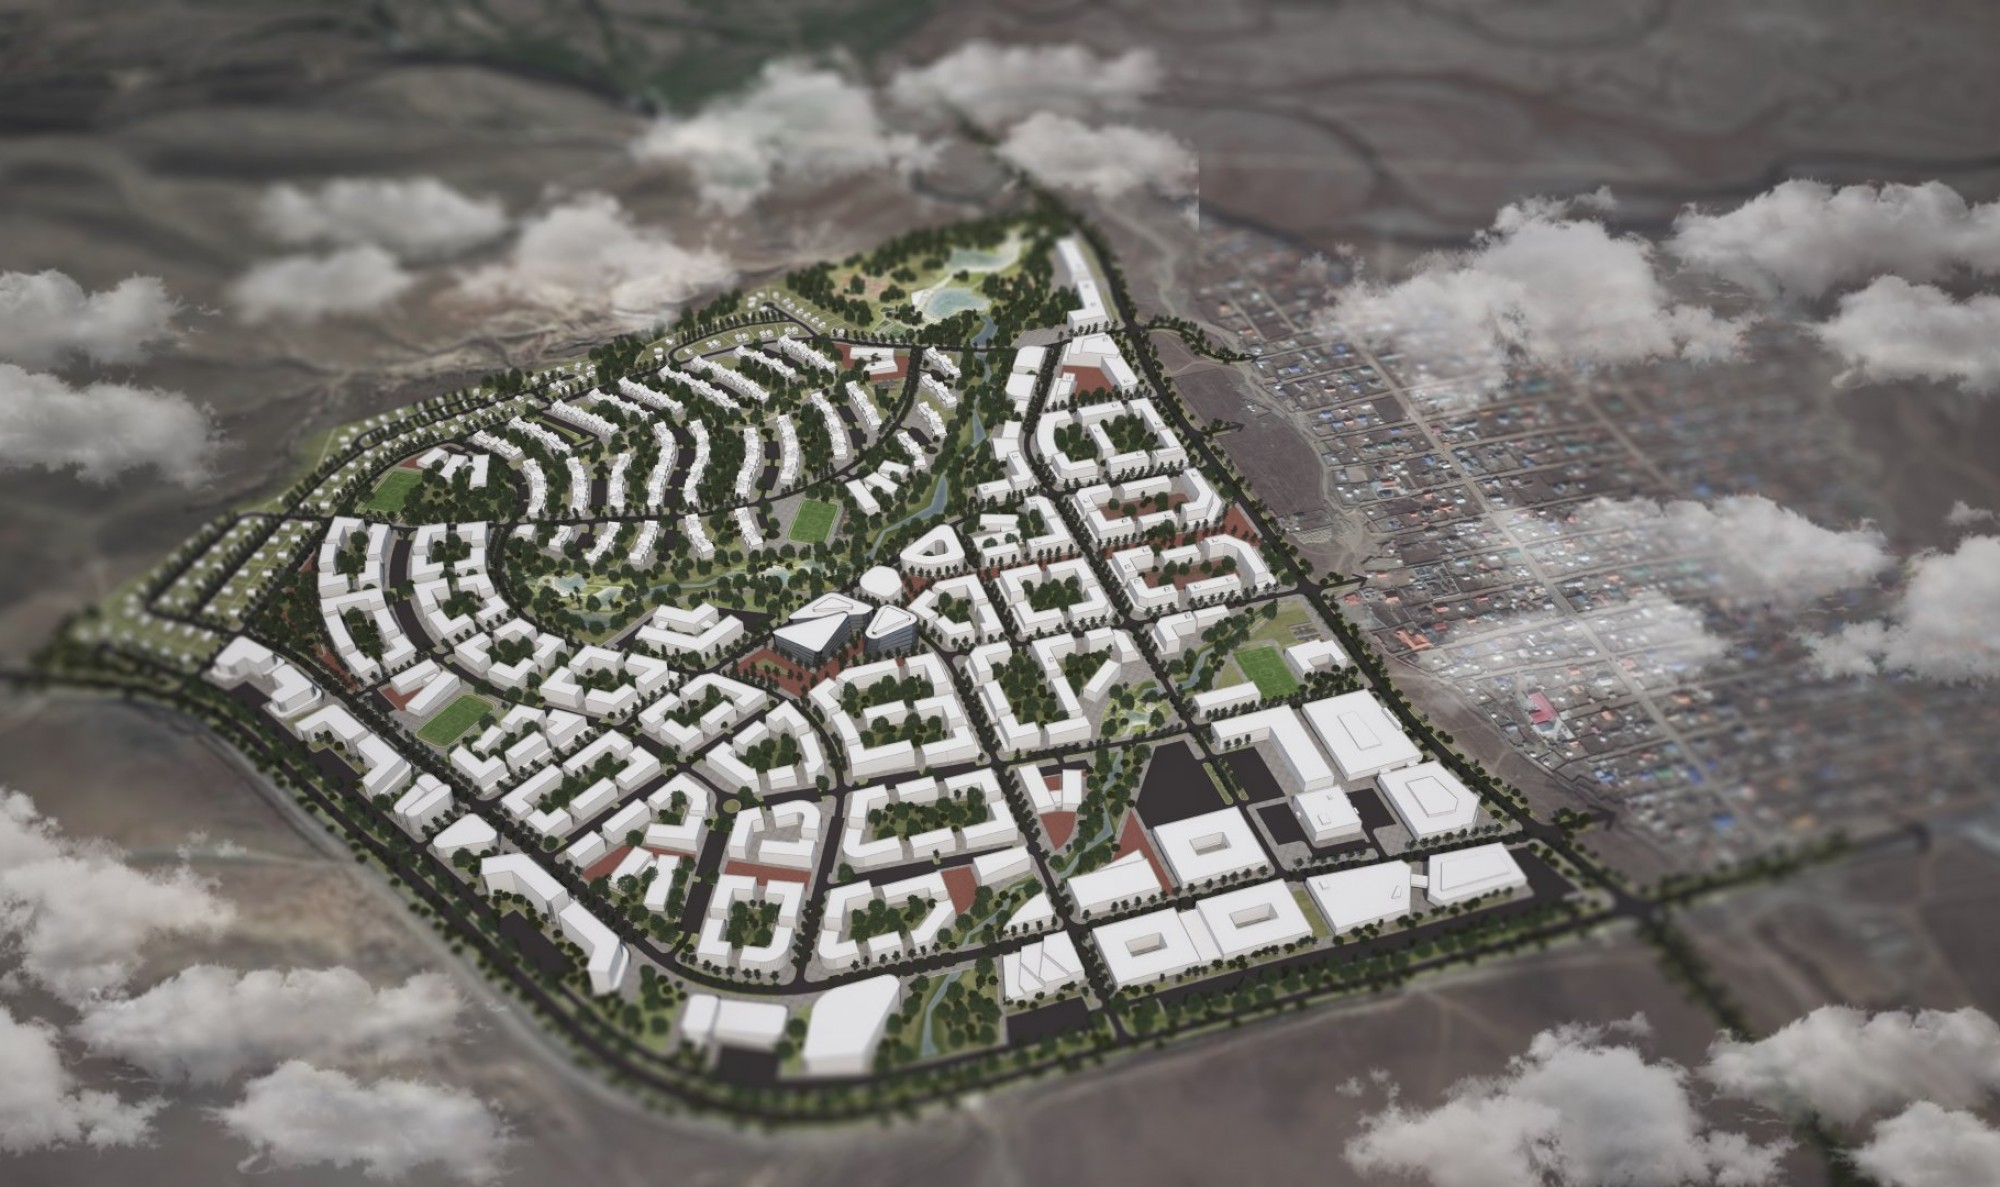 Морингийн даваа орчмын шинэ суурьшлын бүсийн хот төлөвлөлтийн суурь судалгаа, хэсэгчилсэн ерөнхий төлөвлөгөө боловсруулах